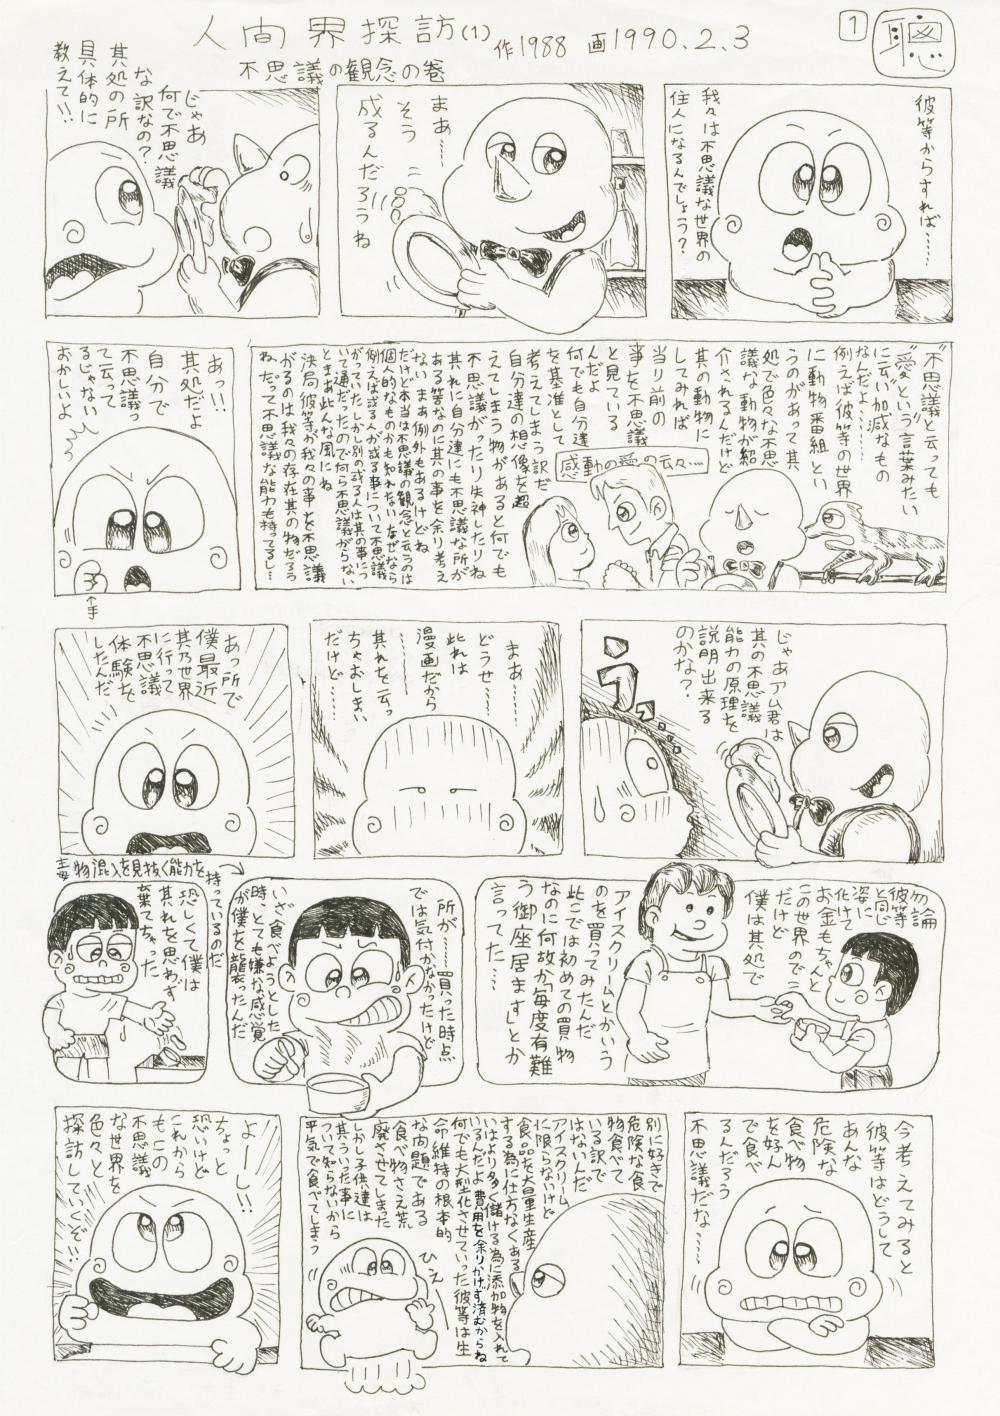 人間界探訪(1)1990.2.3